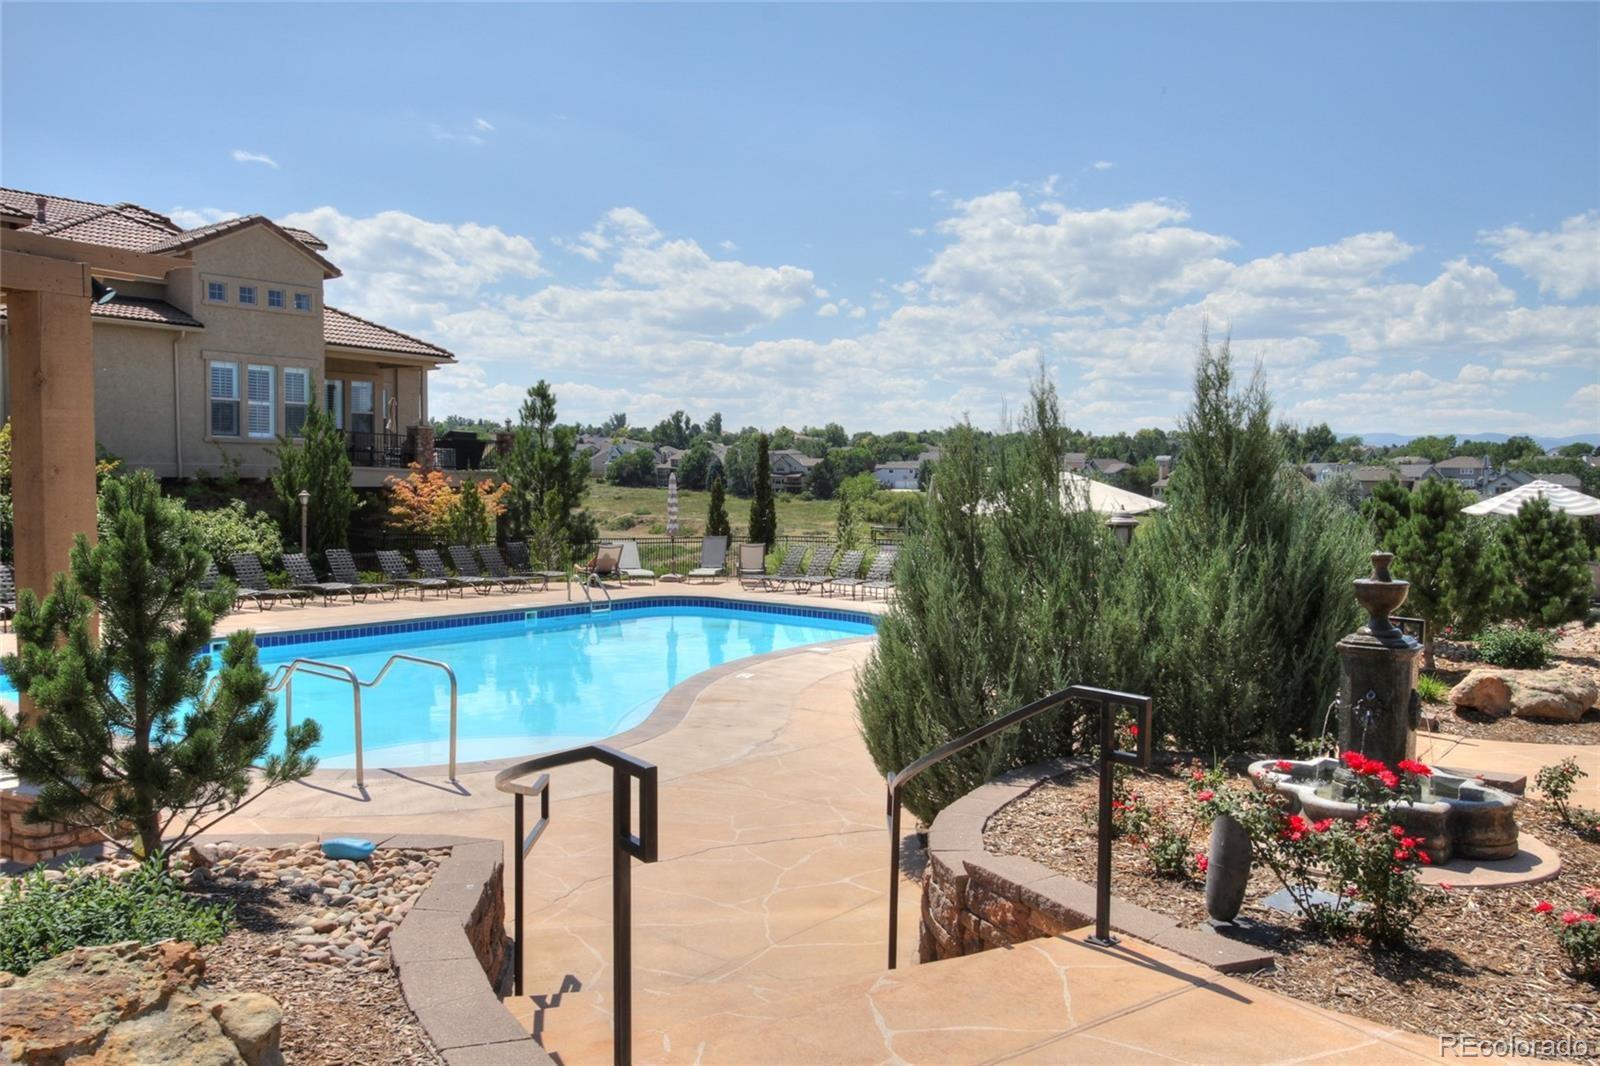 MLS# 5326326 - 33 - 9371 Loggia Street #D, Highlands Ranch, CO 80126